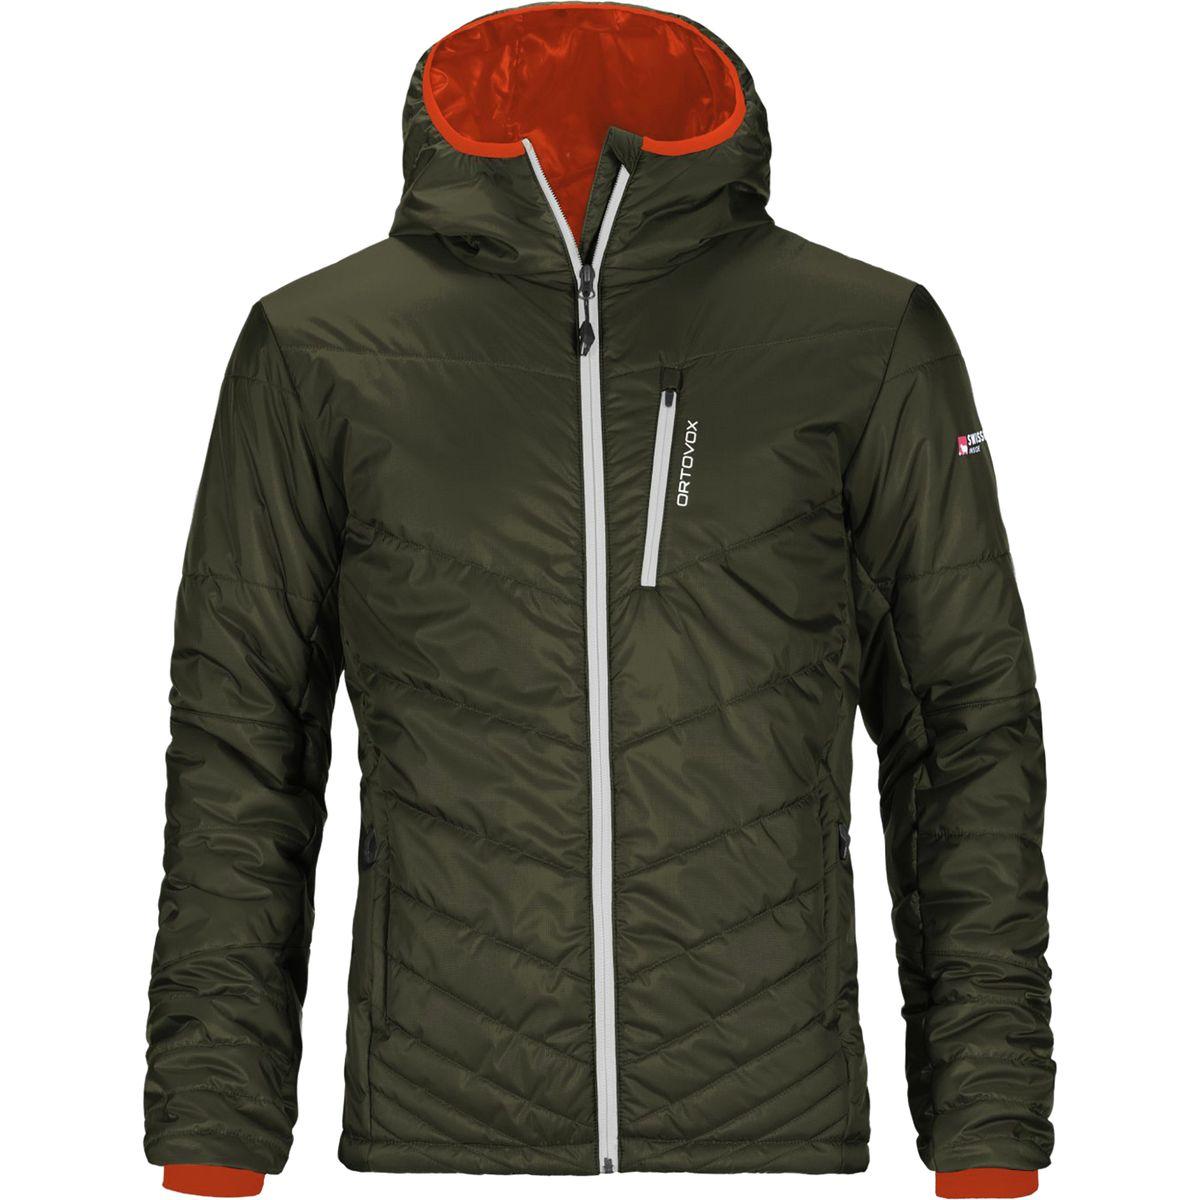 Ortovox Piz Bianco Insulated Jacket - Men